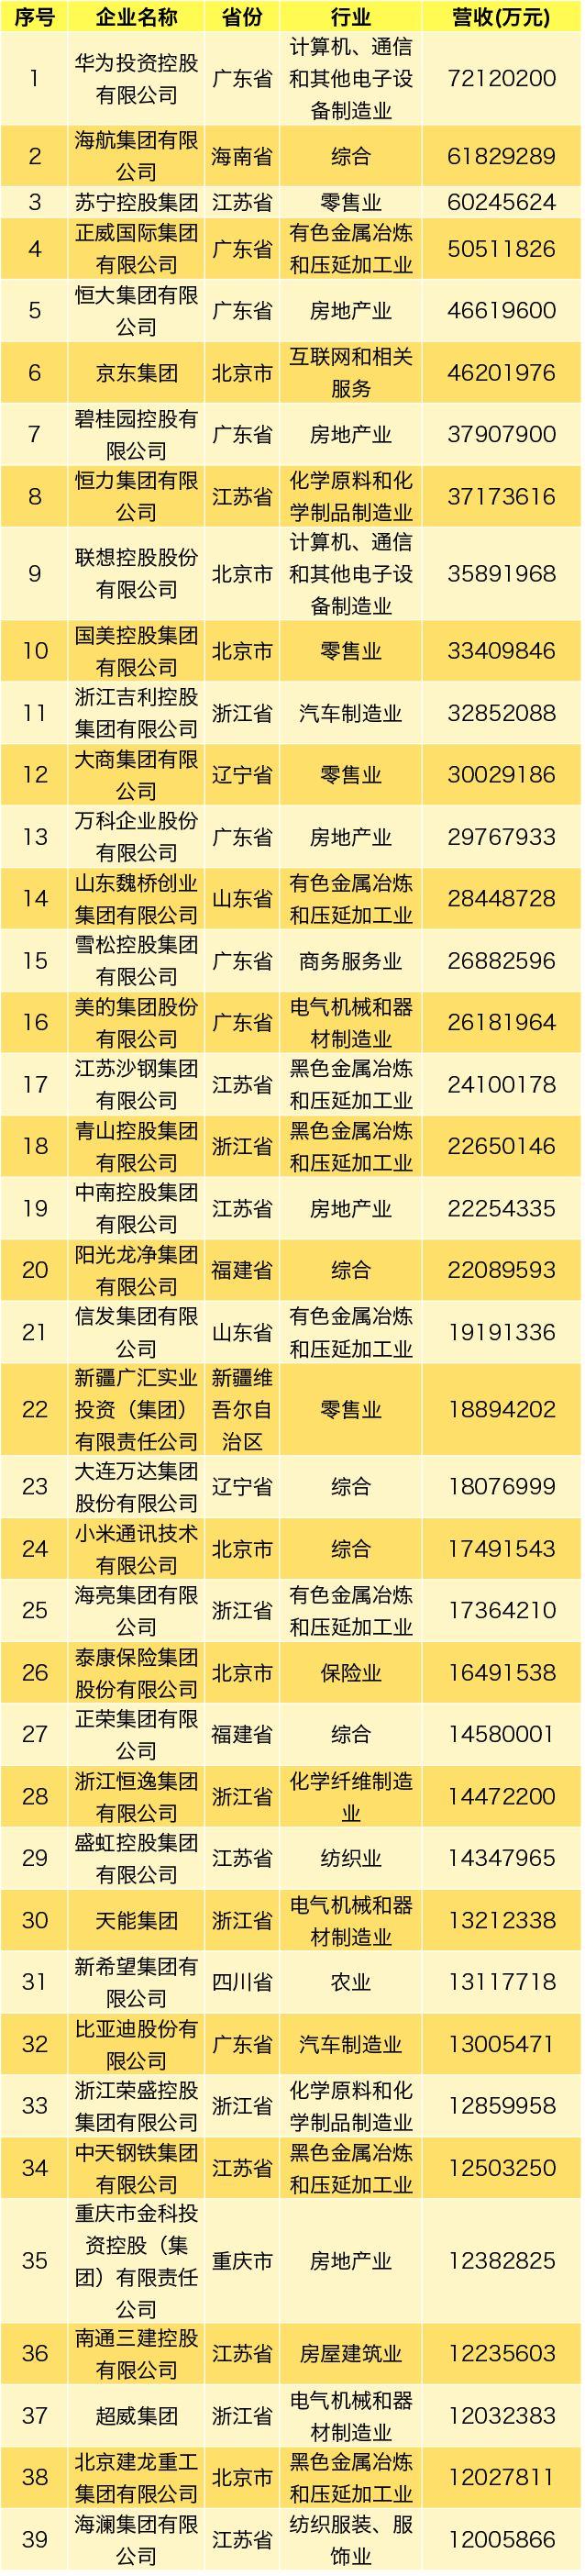 http://www.cqsybj.com/chongqingjingji/60236.html